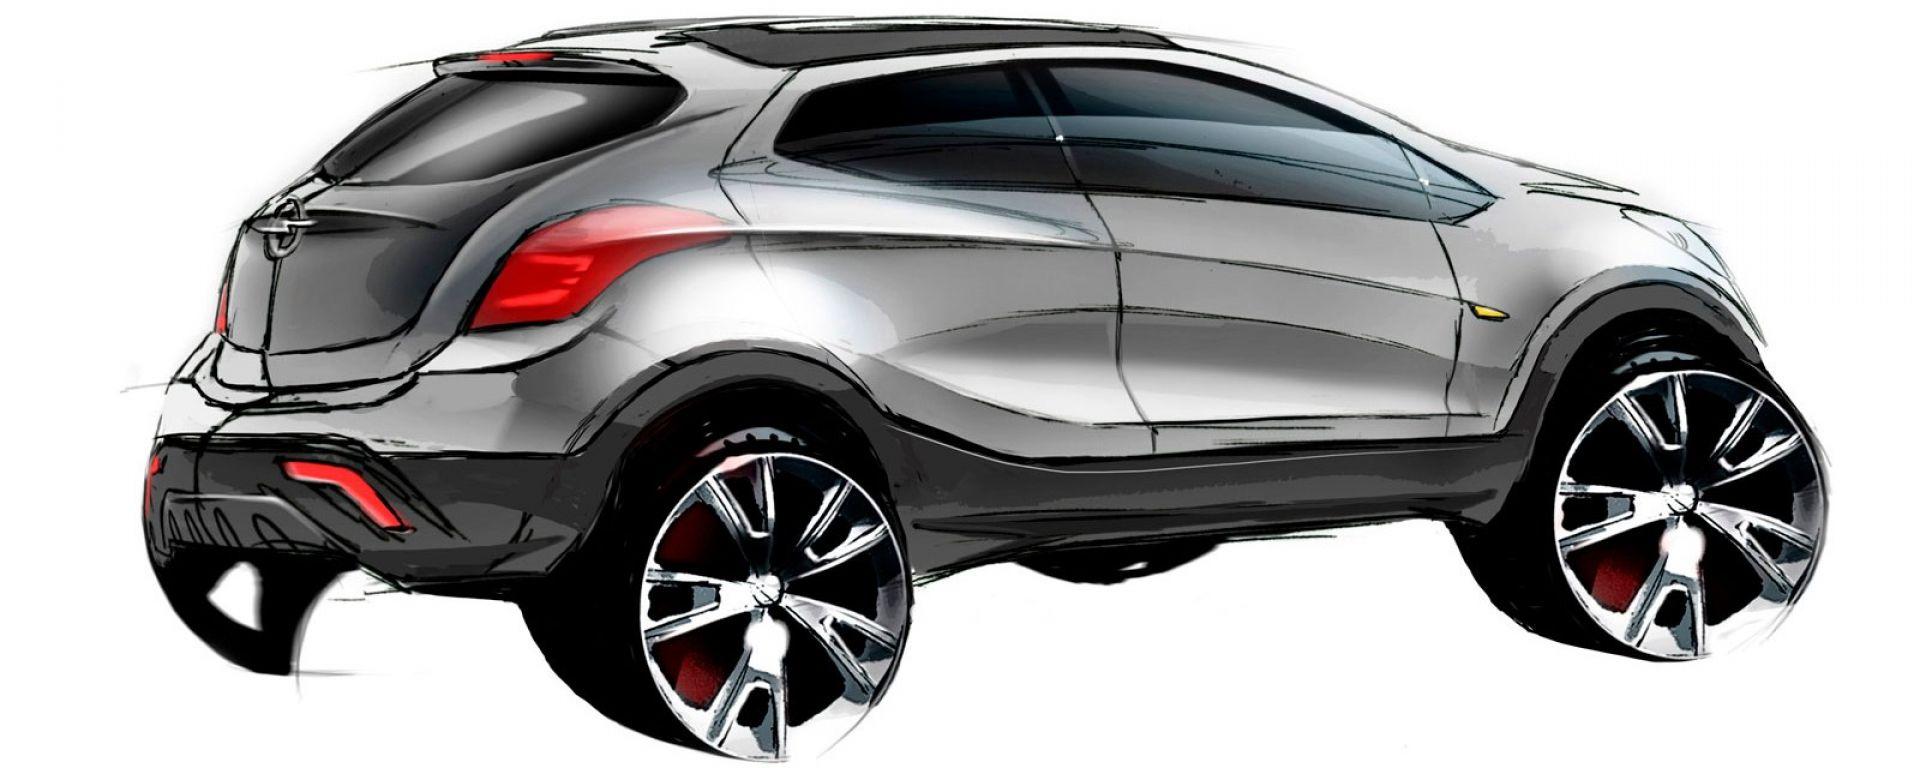 Image Result For Opel Mokka